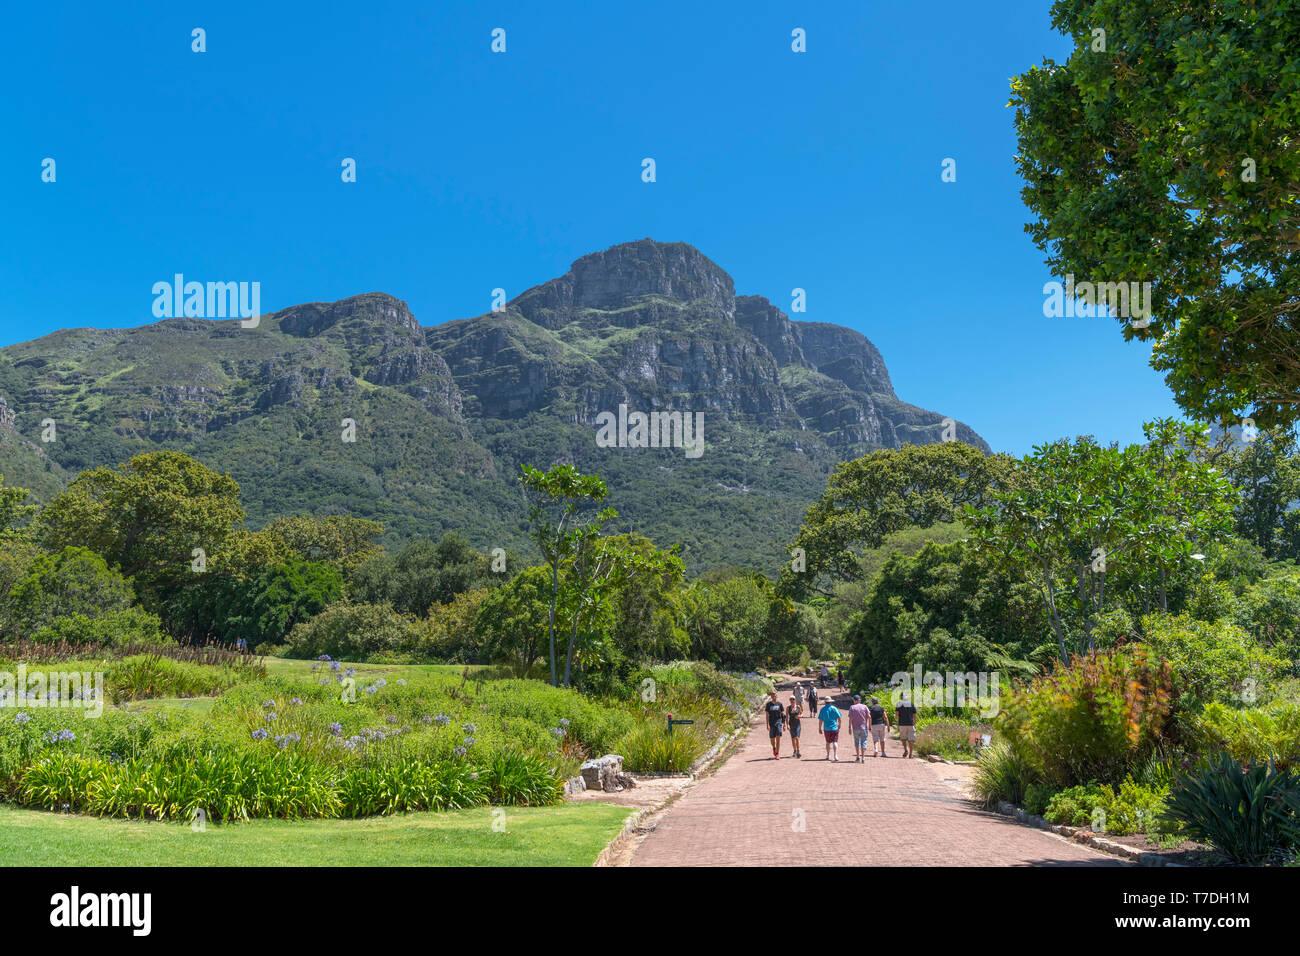 Kirstenbosch National Botanical Garden mit Blick auf die Ostseite des Table Mountain, Cape Town, Western Cape, Südafrika Stockbild